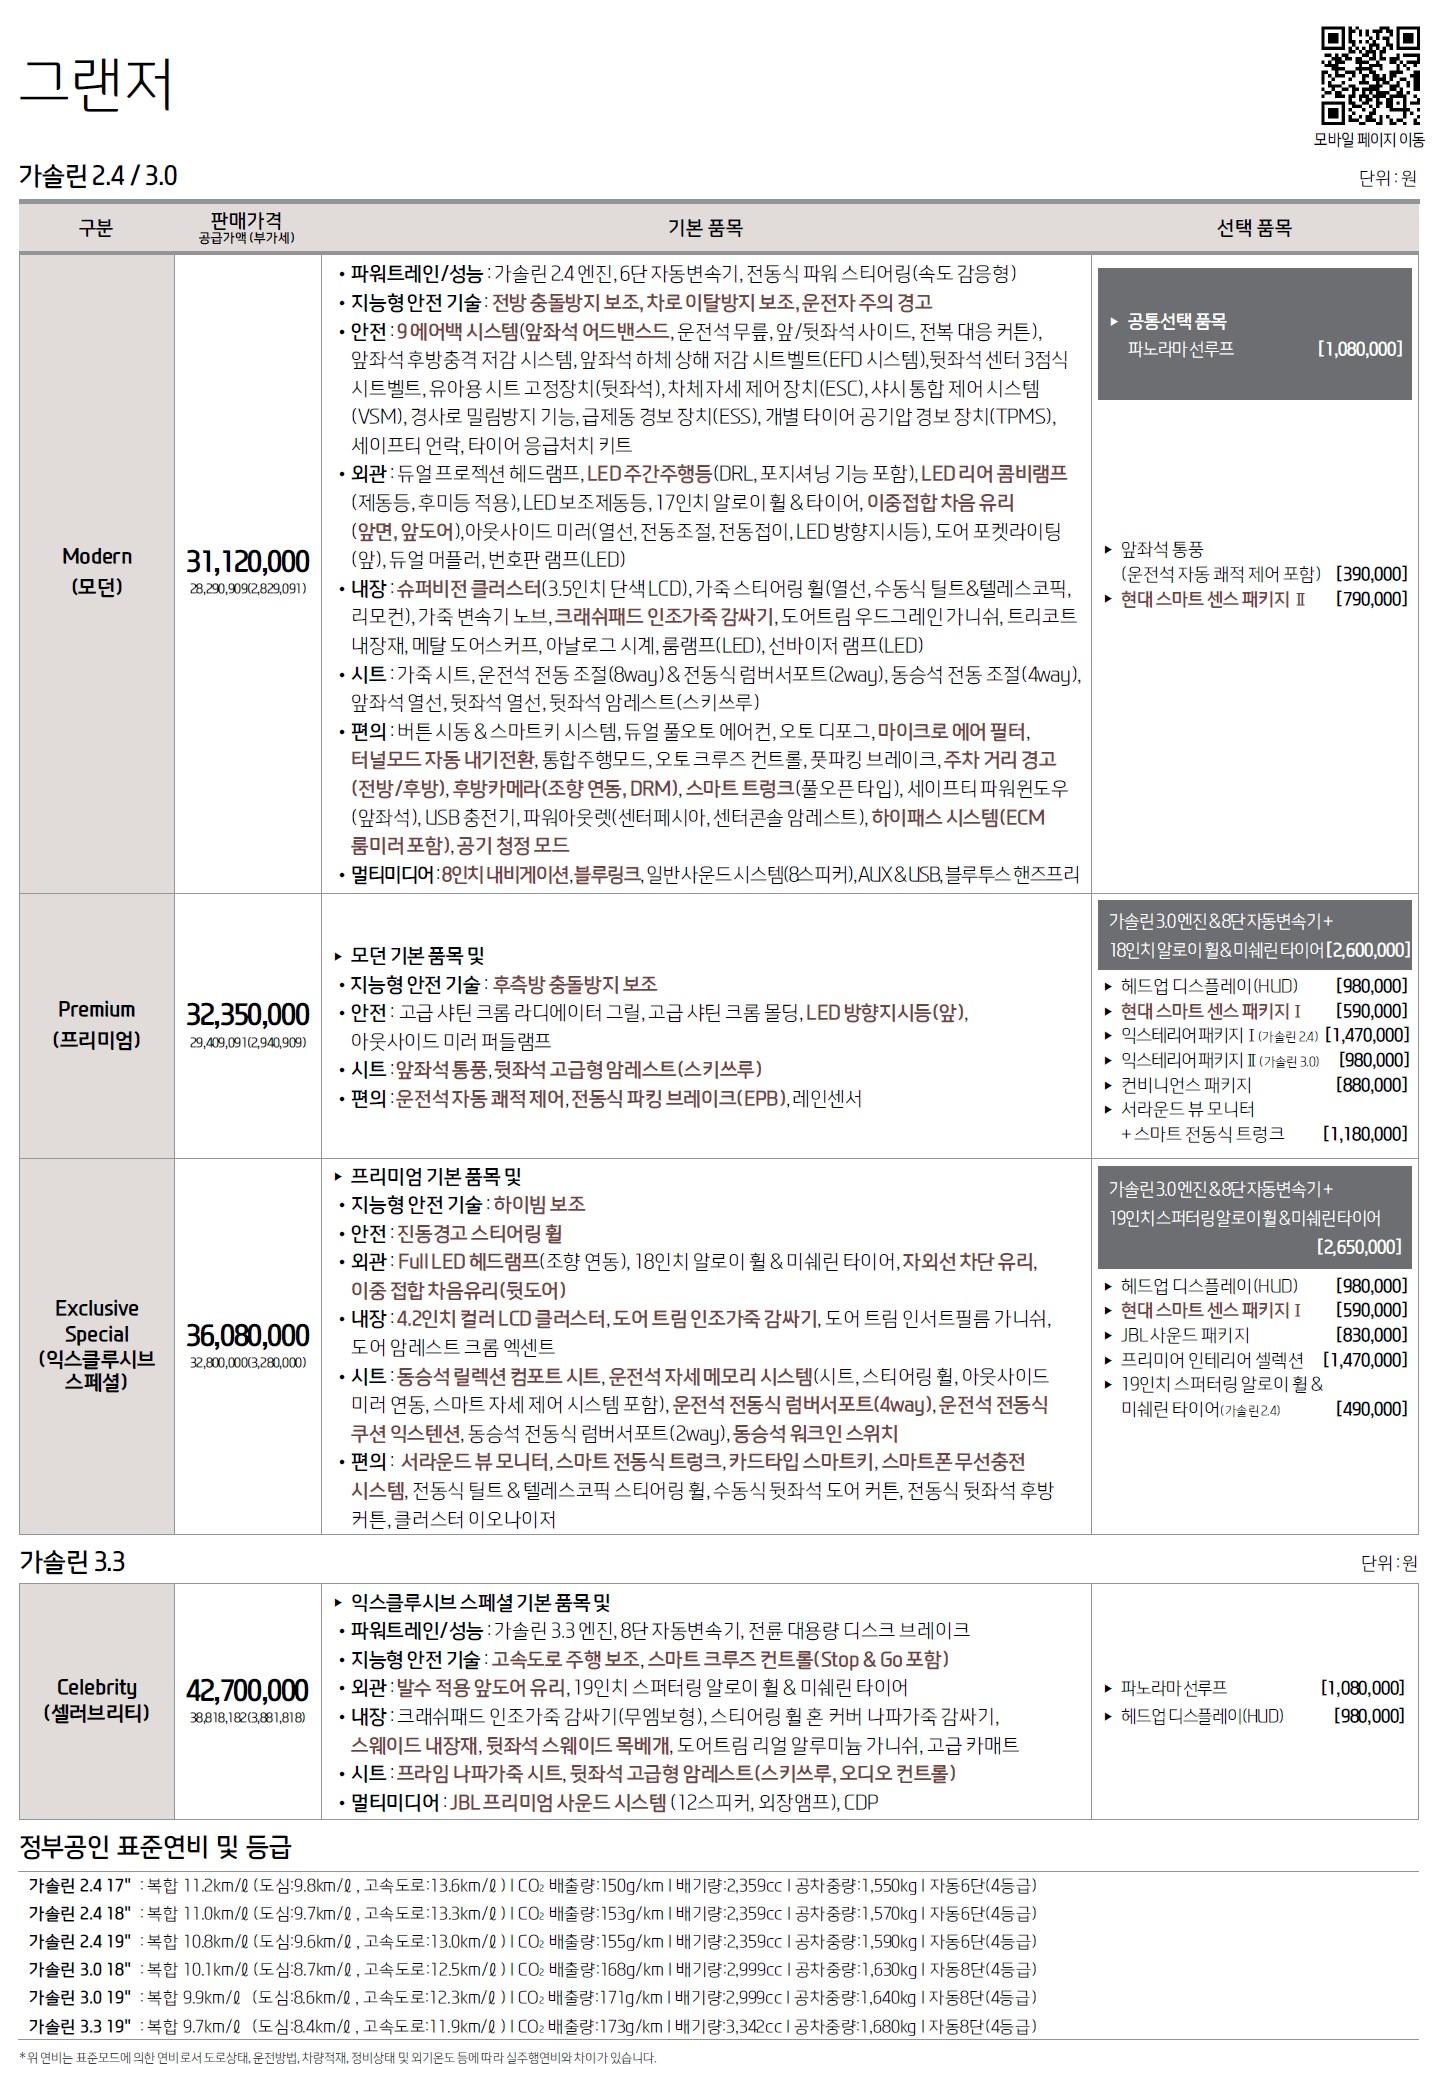 그랜저IG 가격표 - 2019년 06월 -1.jpg